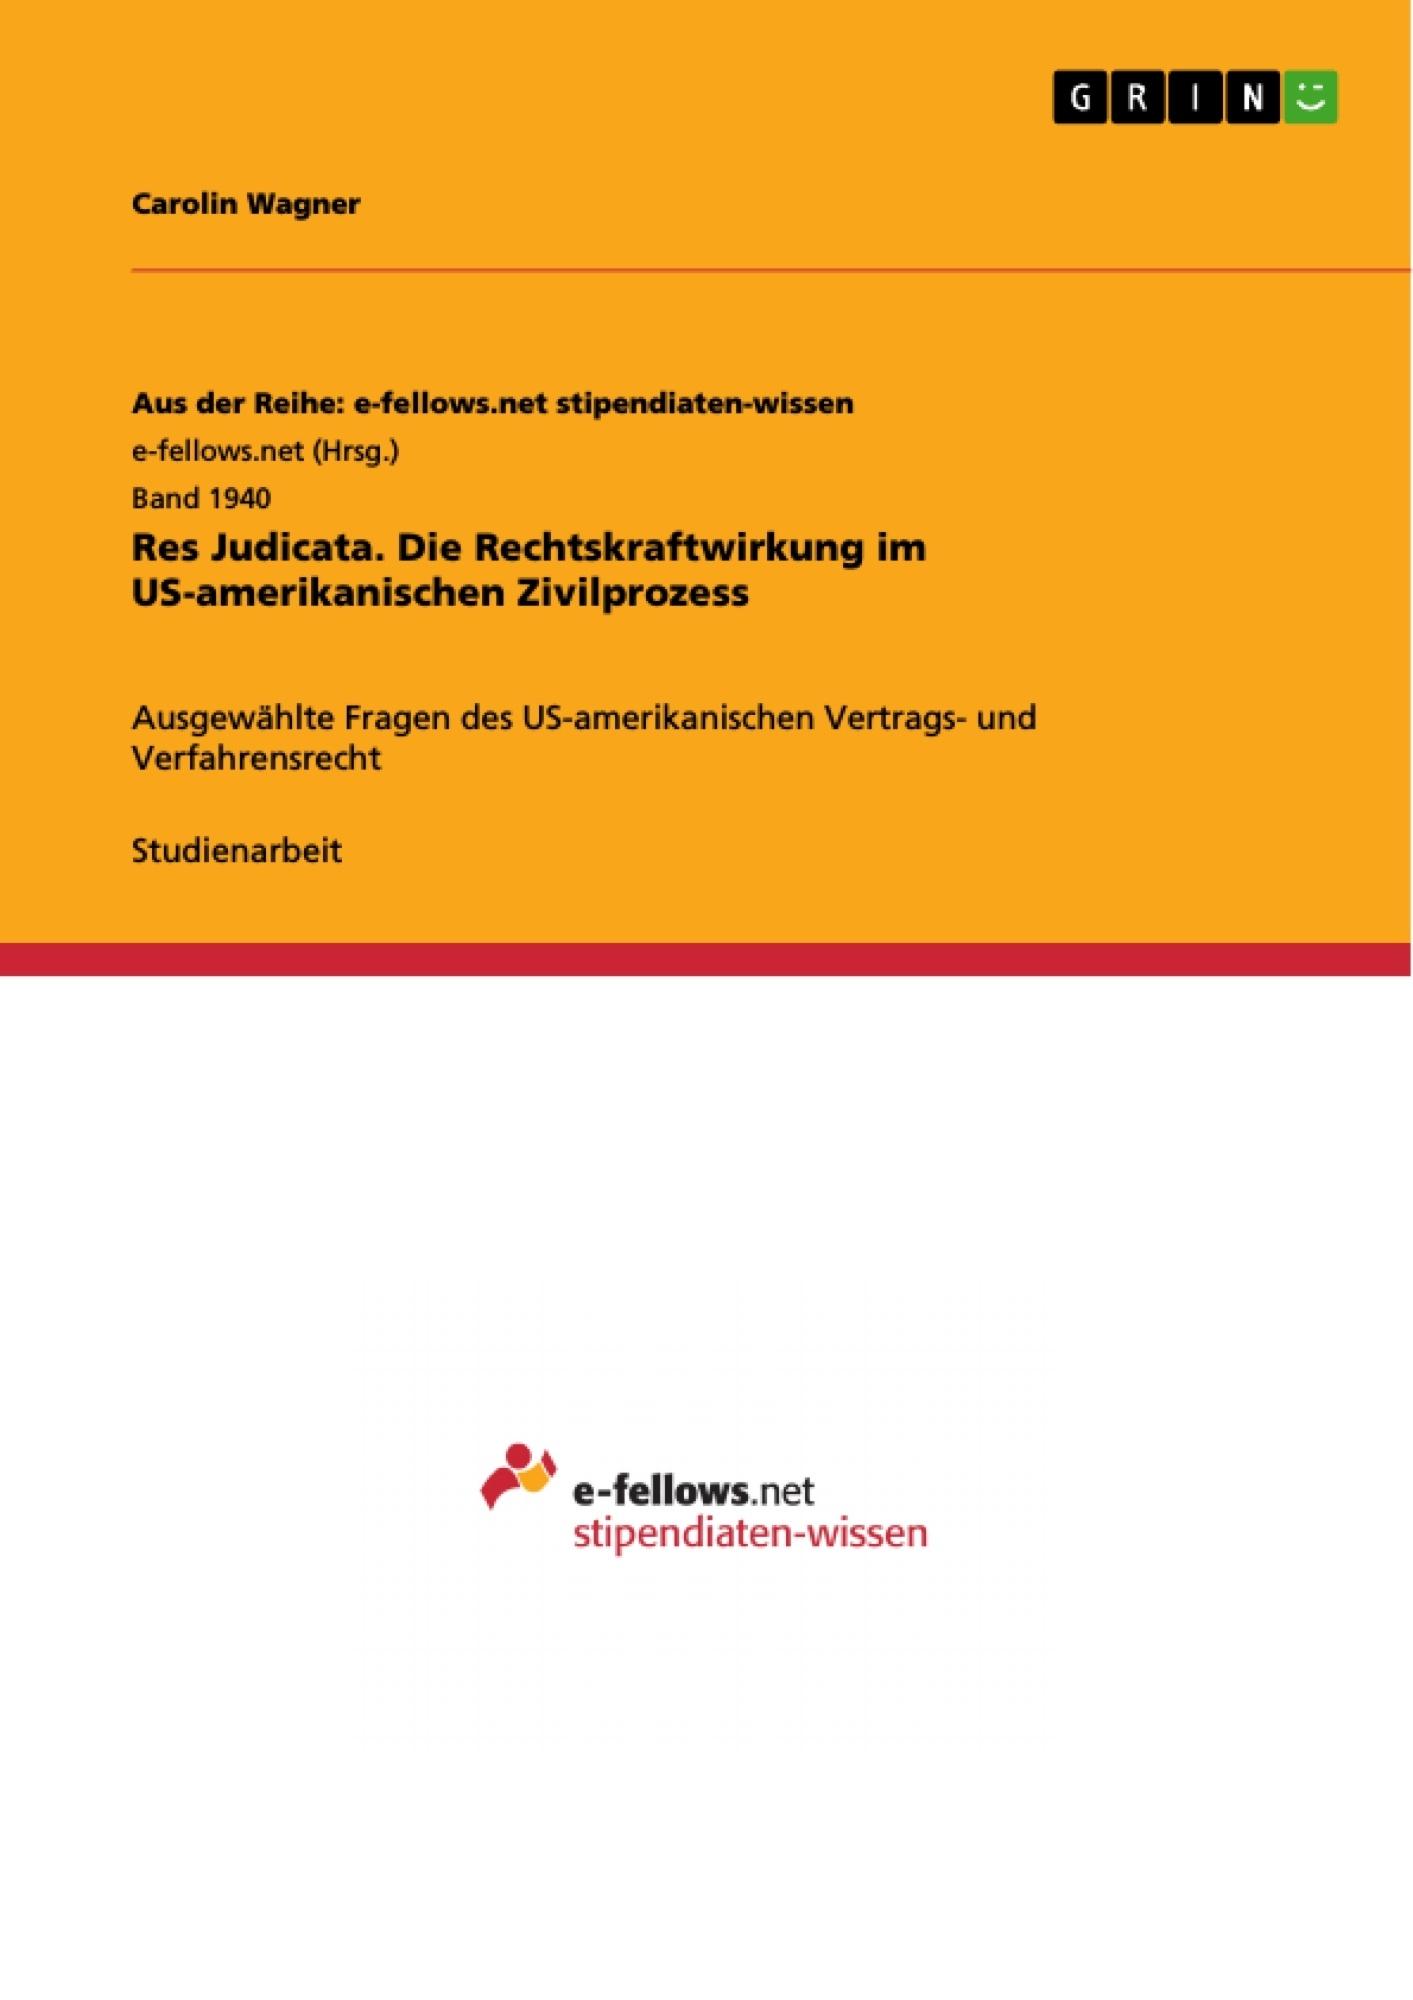 Titel: Res Judicata. Die Rechtskraftwirkung im US-amerikanischen Zivilprozess